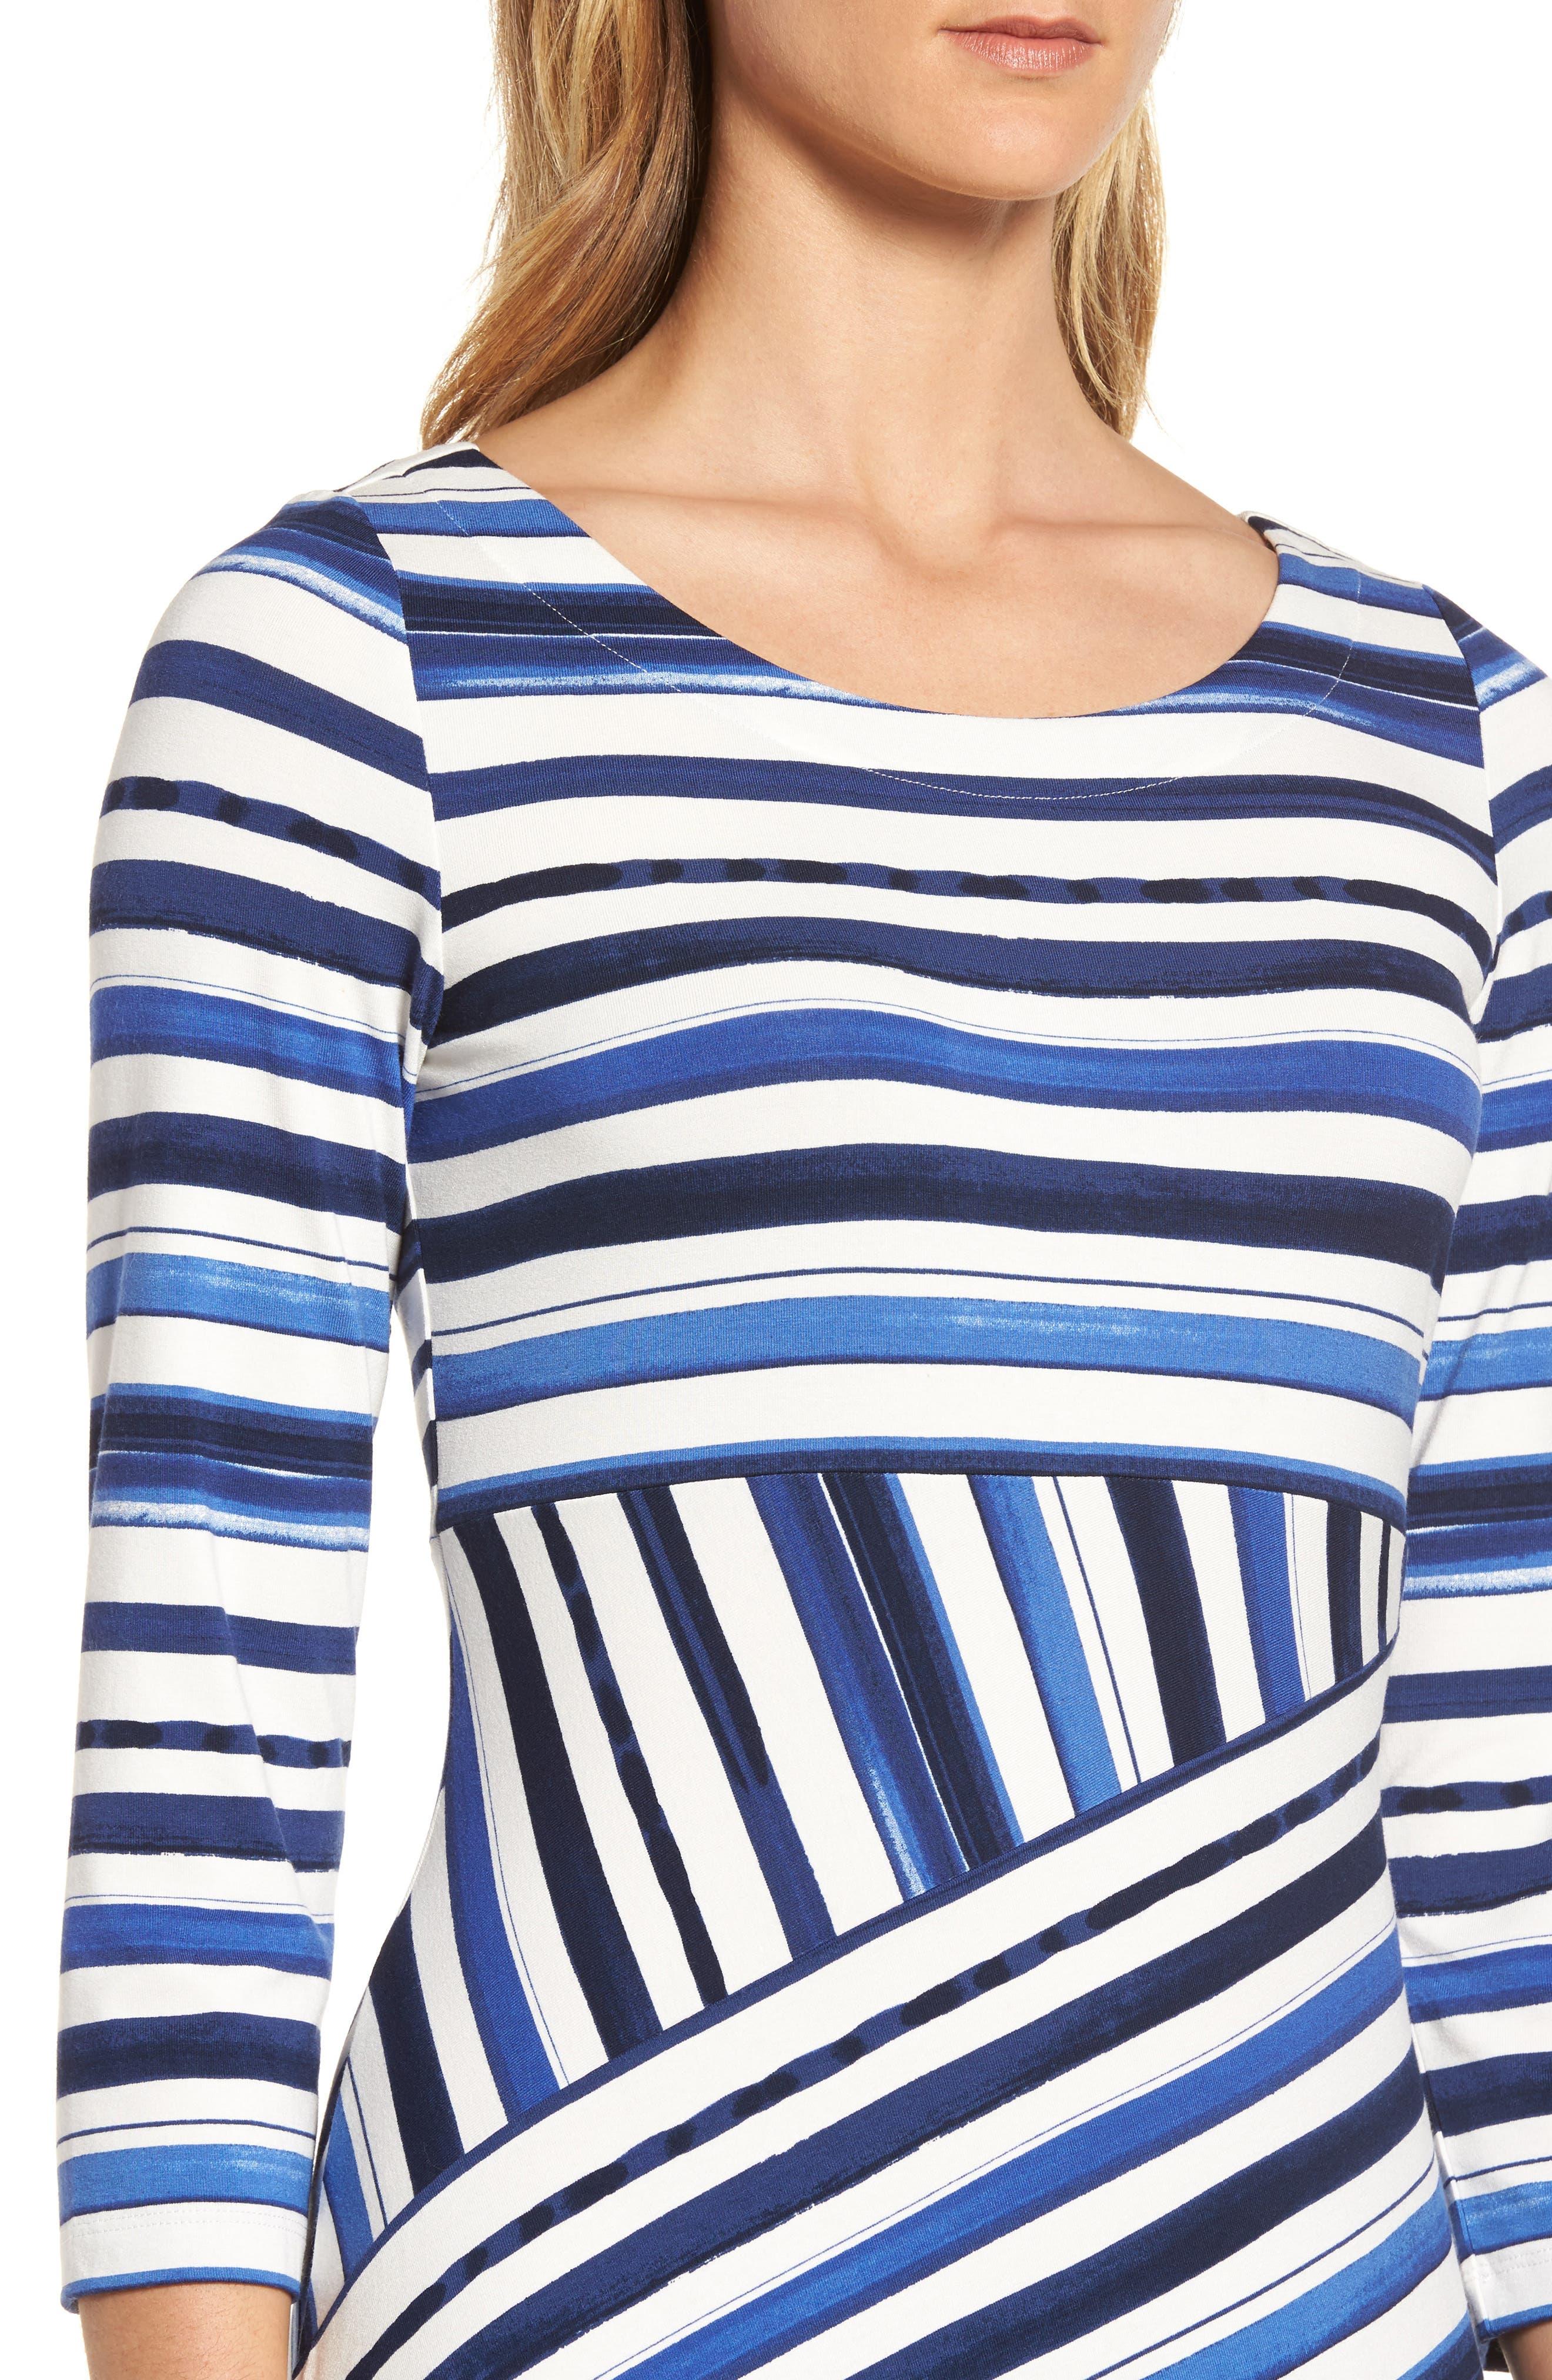 Aquarelle Stripe A-Line Dress,                             Alternate thumbnail 4, color,                             Eclipse